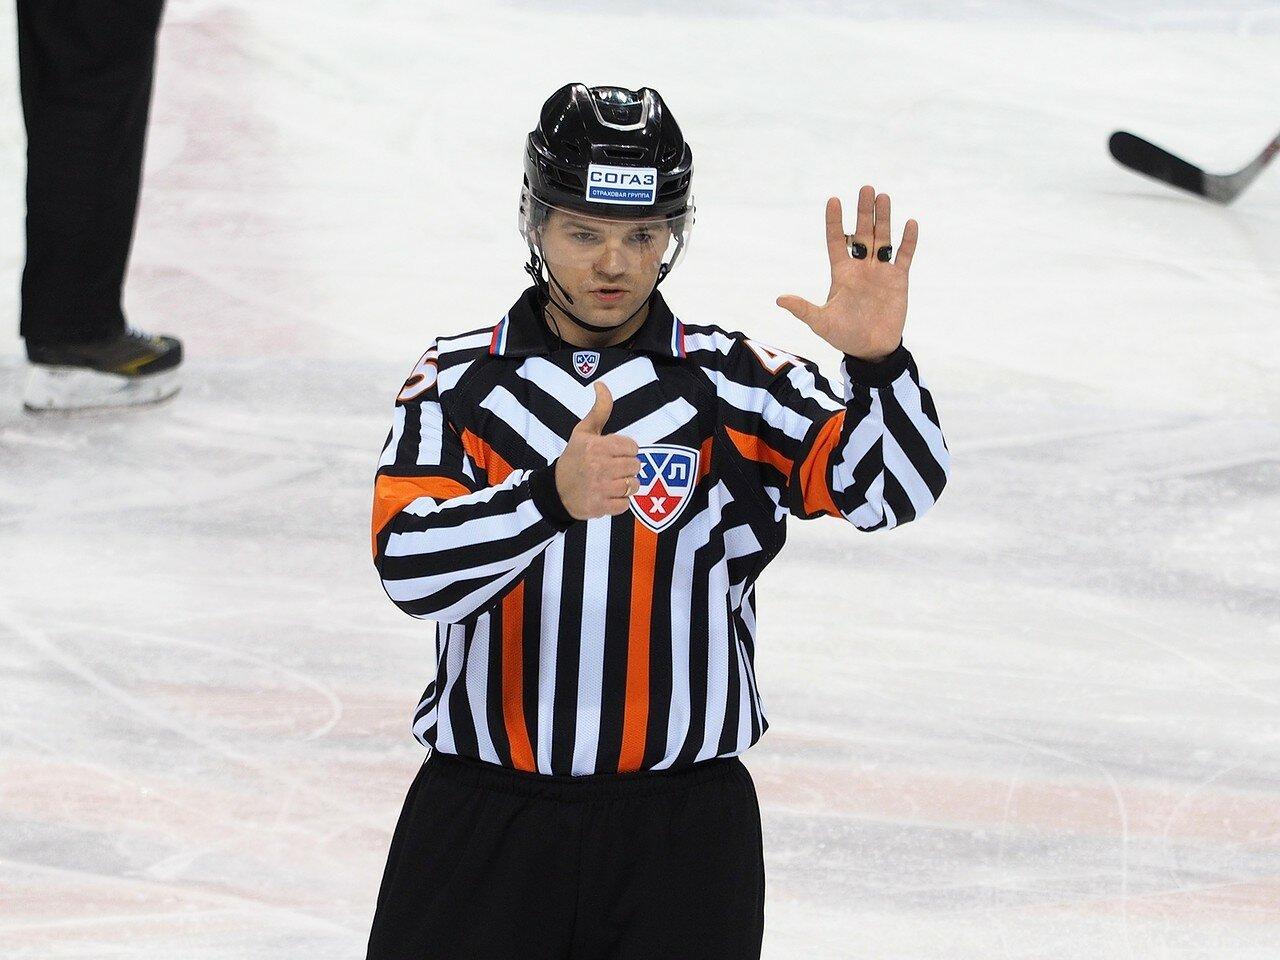 82Металлург - Динамо Москва 28.12.2015